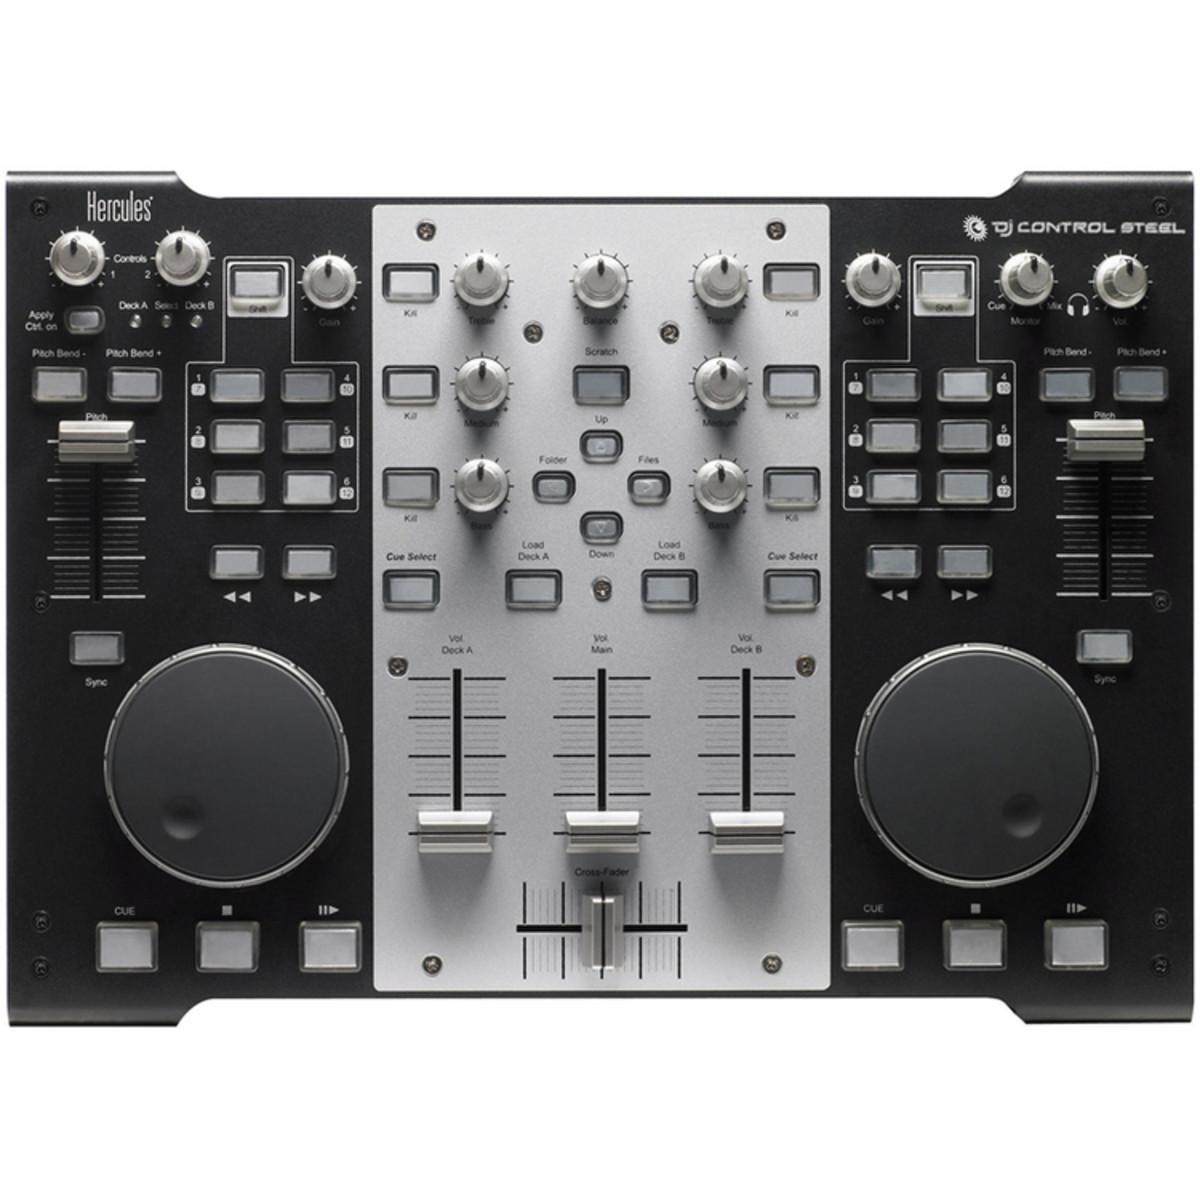 DRIVER UPDATE: HERCULES DJ CONSOLE MK1